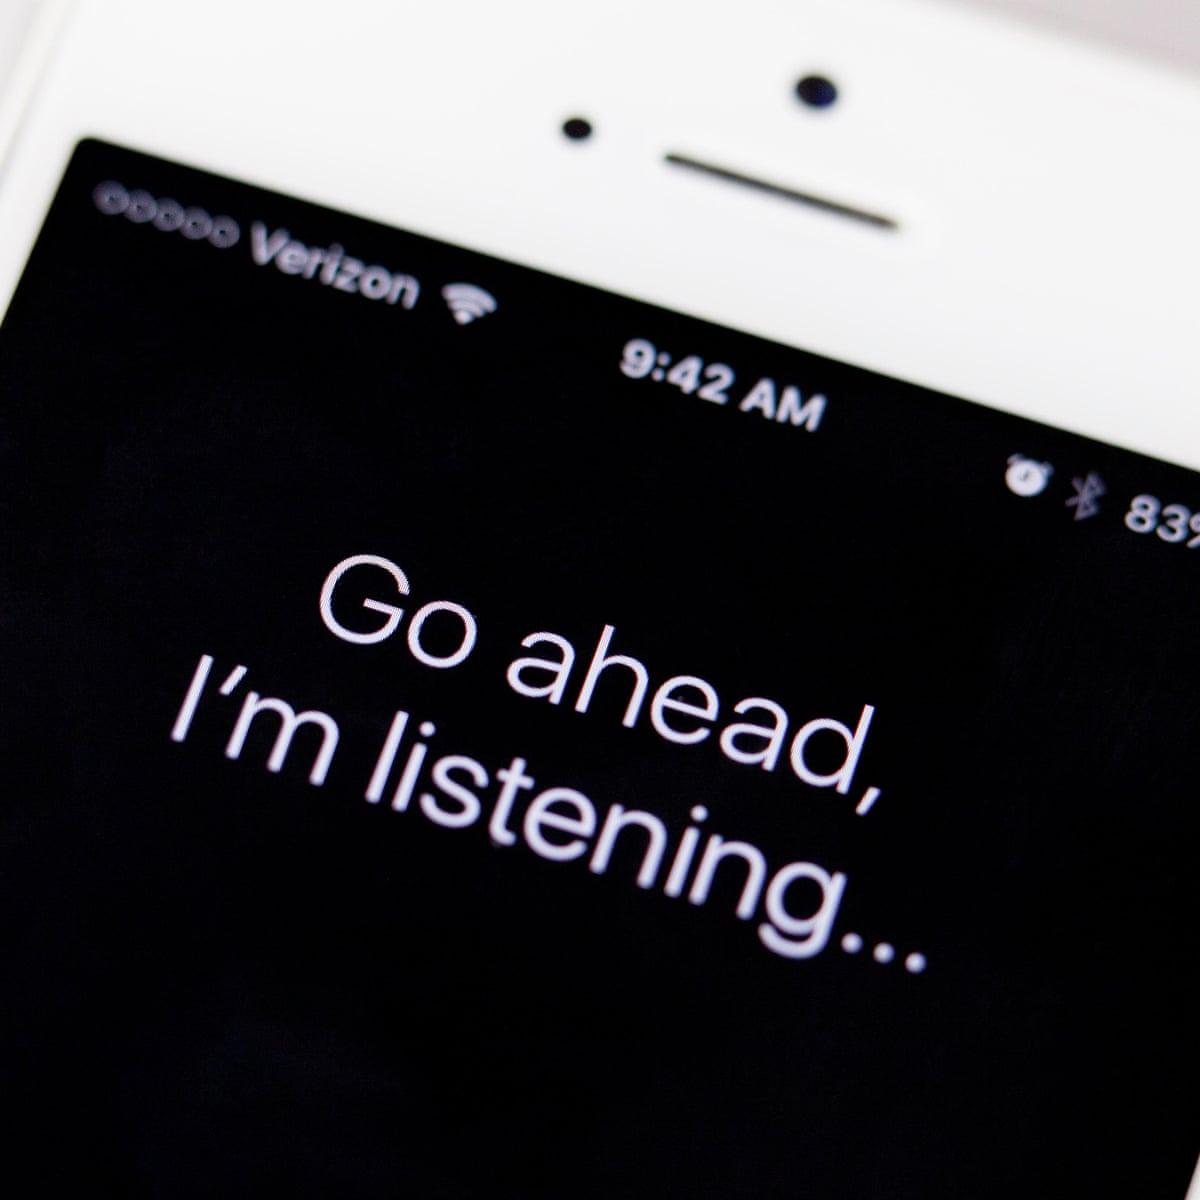 Усовершенствованием Siri займется бывший руководитель разработки искусственного интеллекта в Google